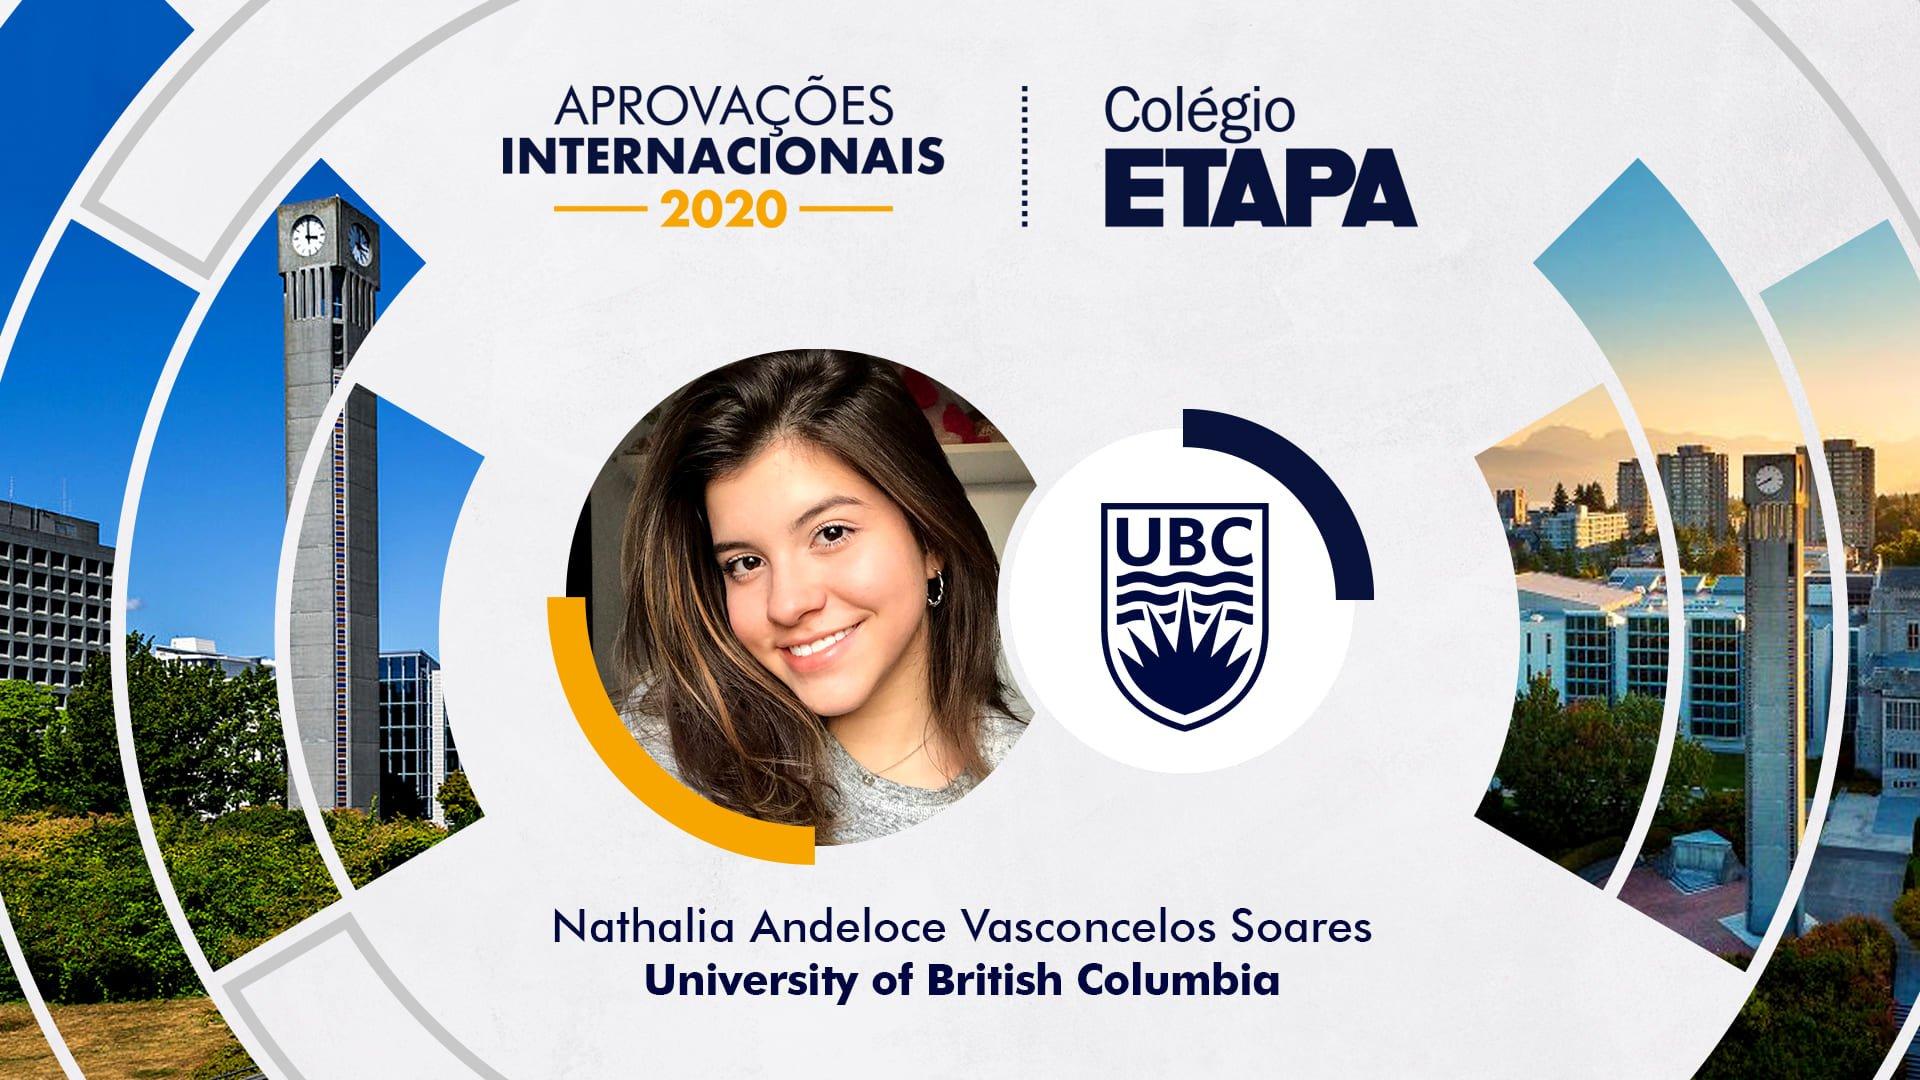 Nathalia Andeloce Vasconcelos Soares foi aprovada na University of British Columbia (UBC) com três meses de antecedência do prazo regular.